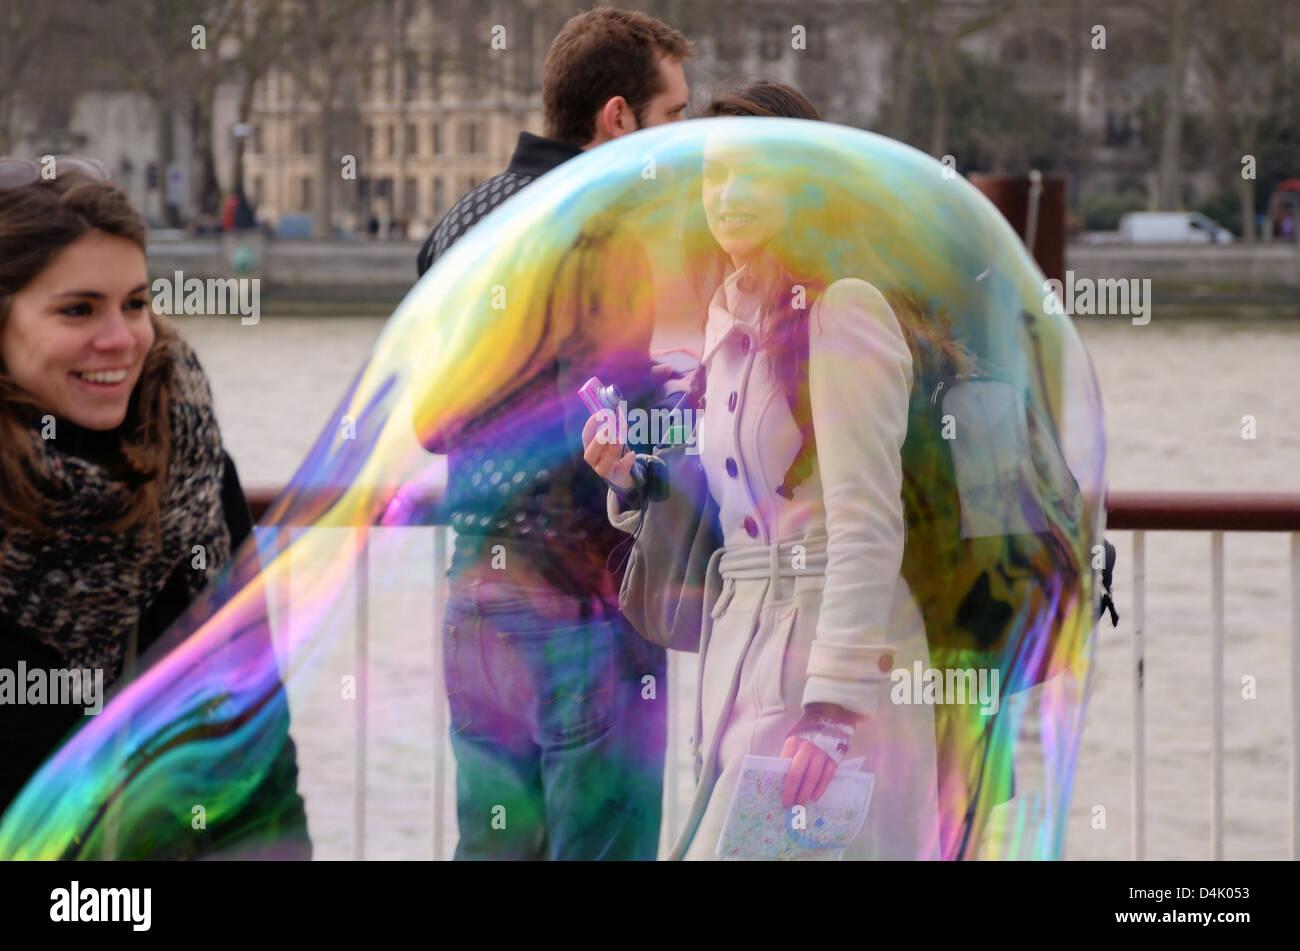 Una grande bolla crea effetti intorno a piedi femmina da mentre un'altra bambina guarda su felicemente Immagini Stock